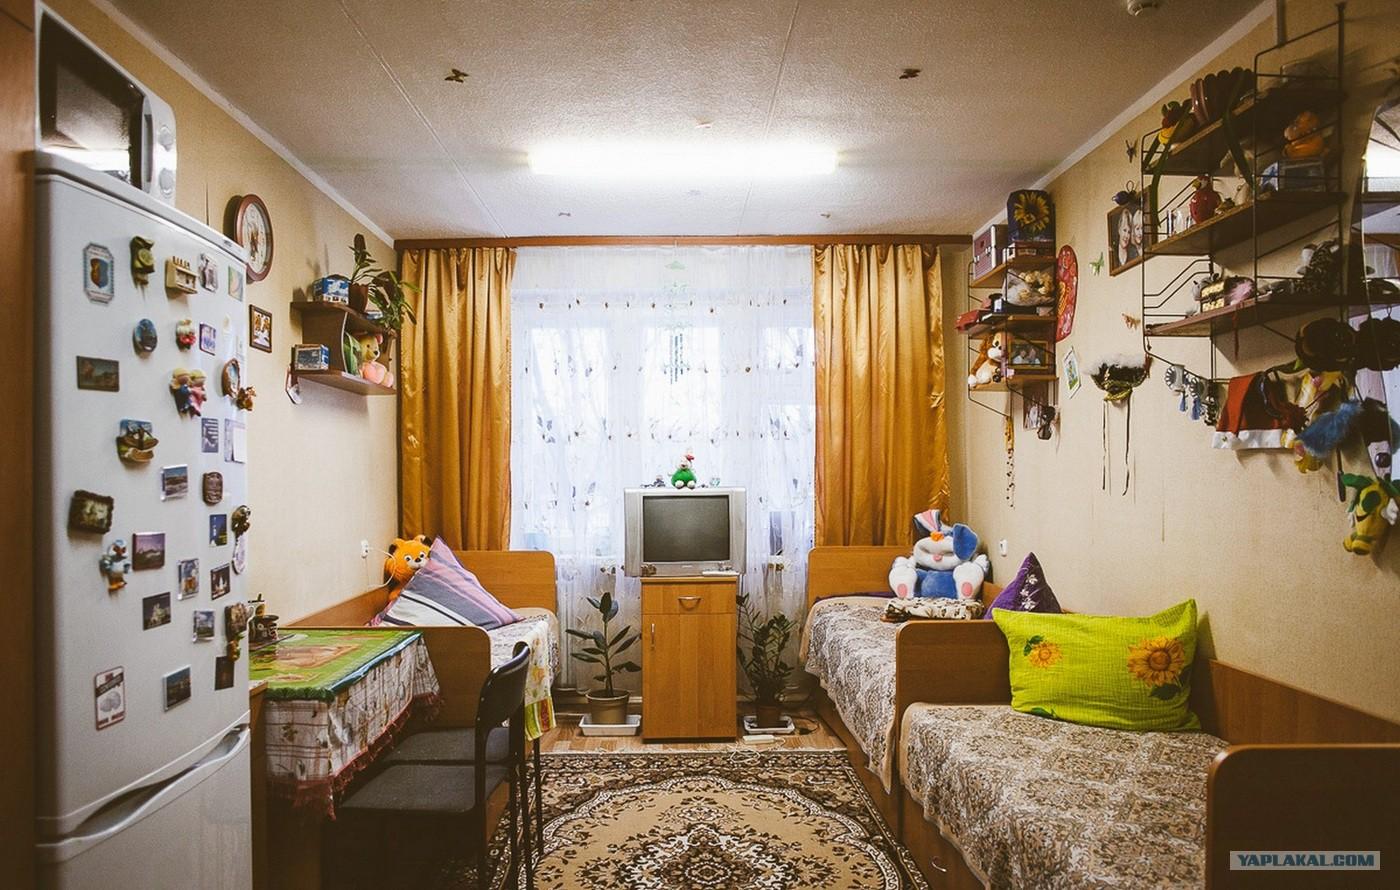 Идея ремонта комнаты в общежитии фото